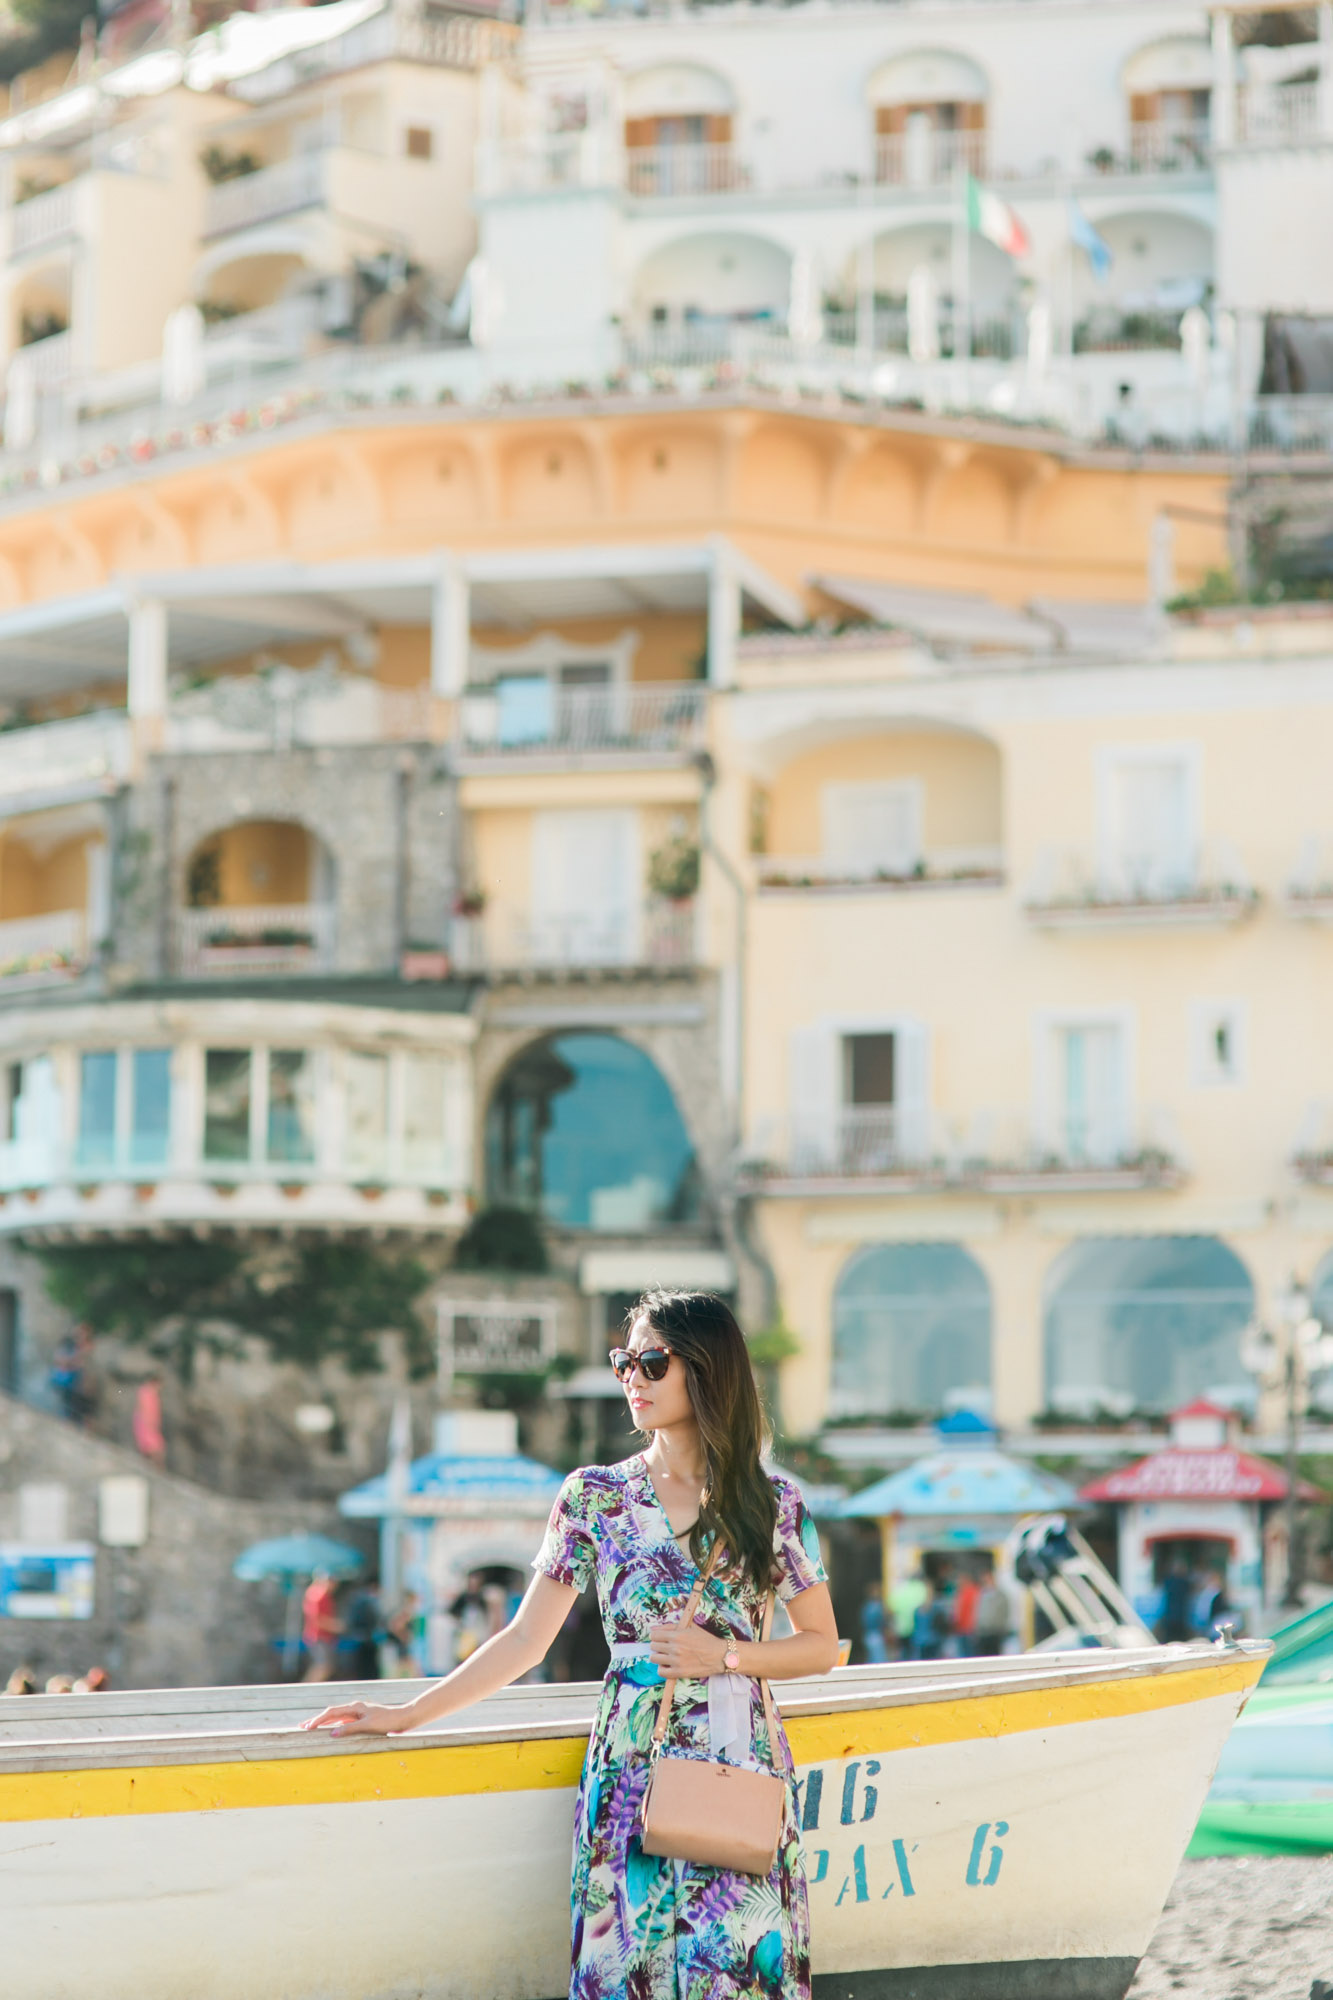 joeewong-reke-italy-amalfi-coast-positano-honeymoon-08